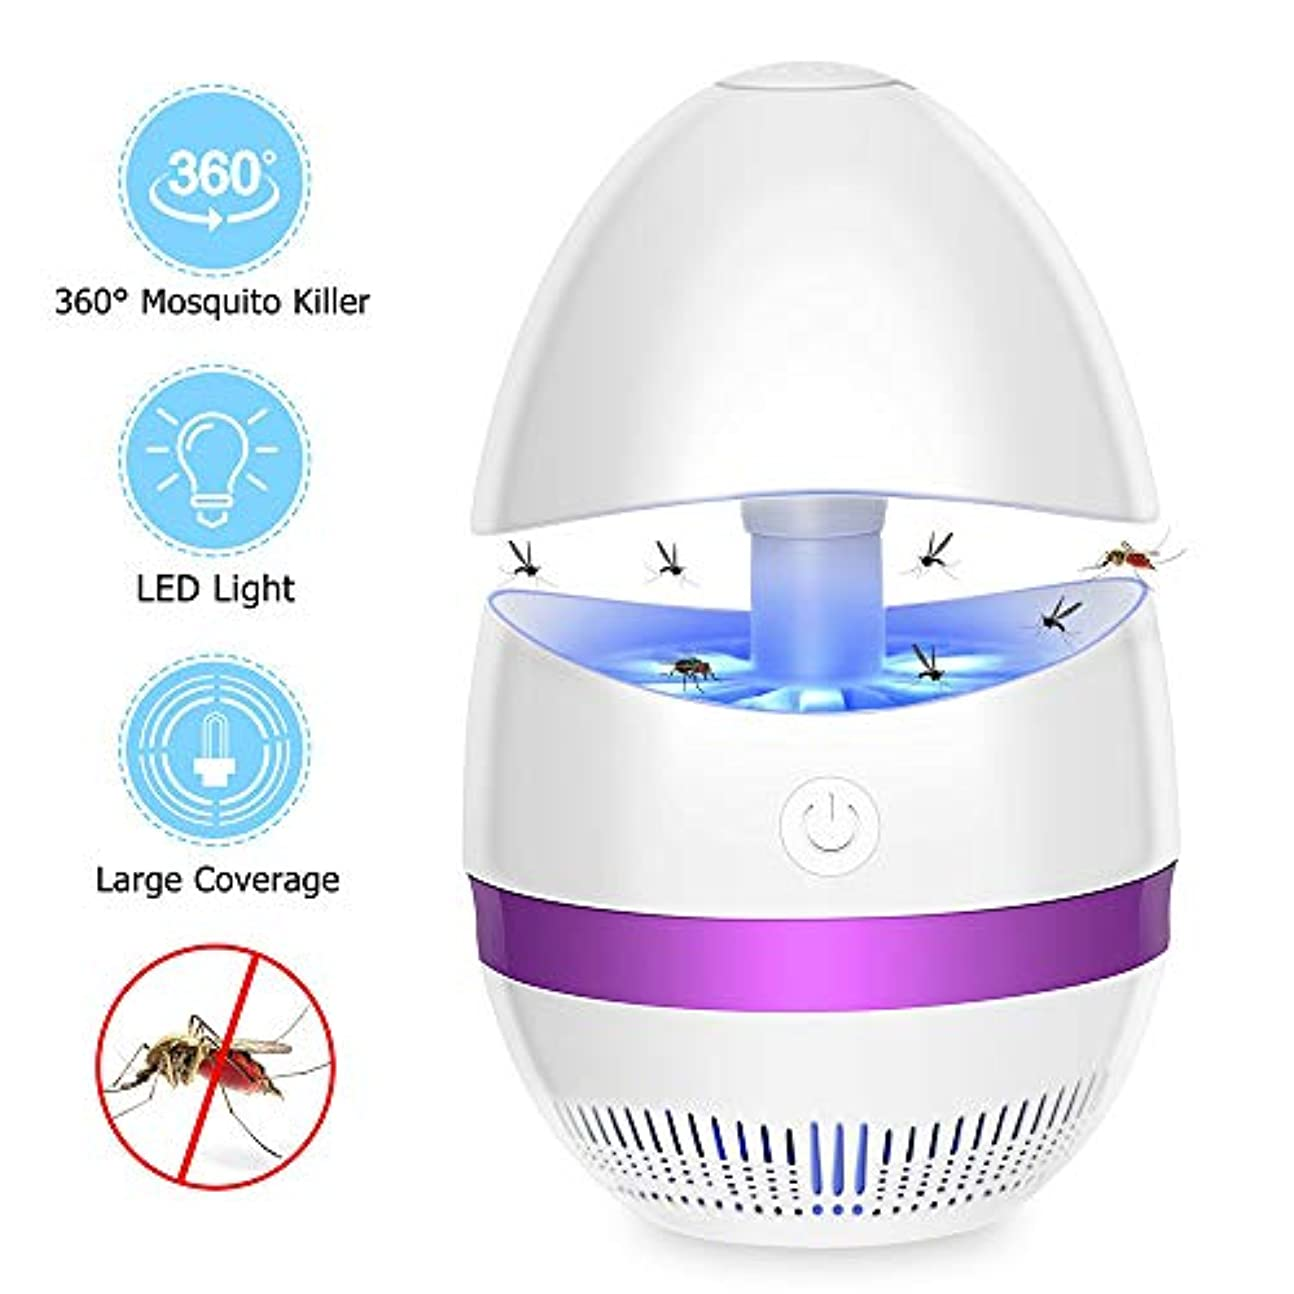 プロペラ圧倒する二電気室内蚊キラーランプ LED UV昆虫トラップライト USBパワー 静か 無毒 物理的殺害蚊 ホームオフィスインドアアウトドアキャンプに適し(パープル)